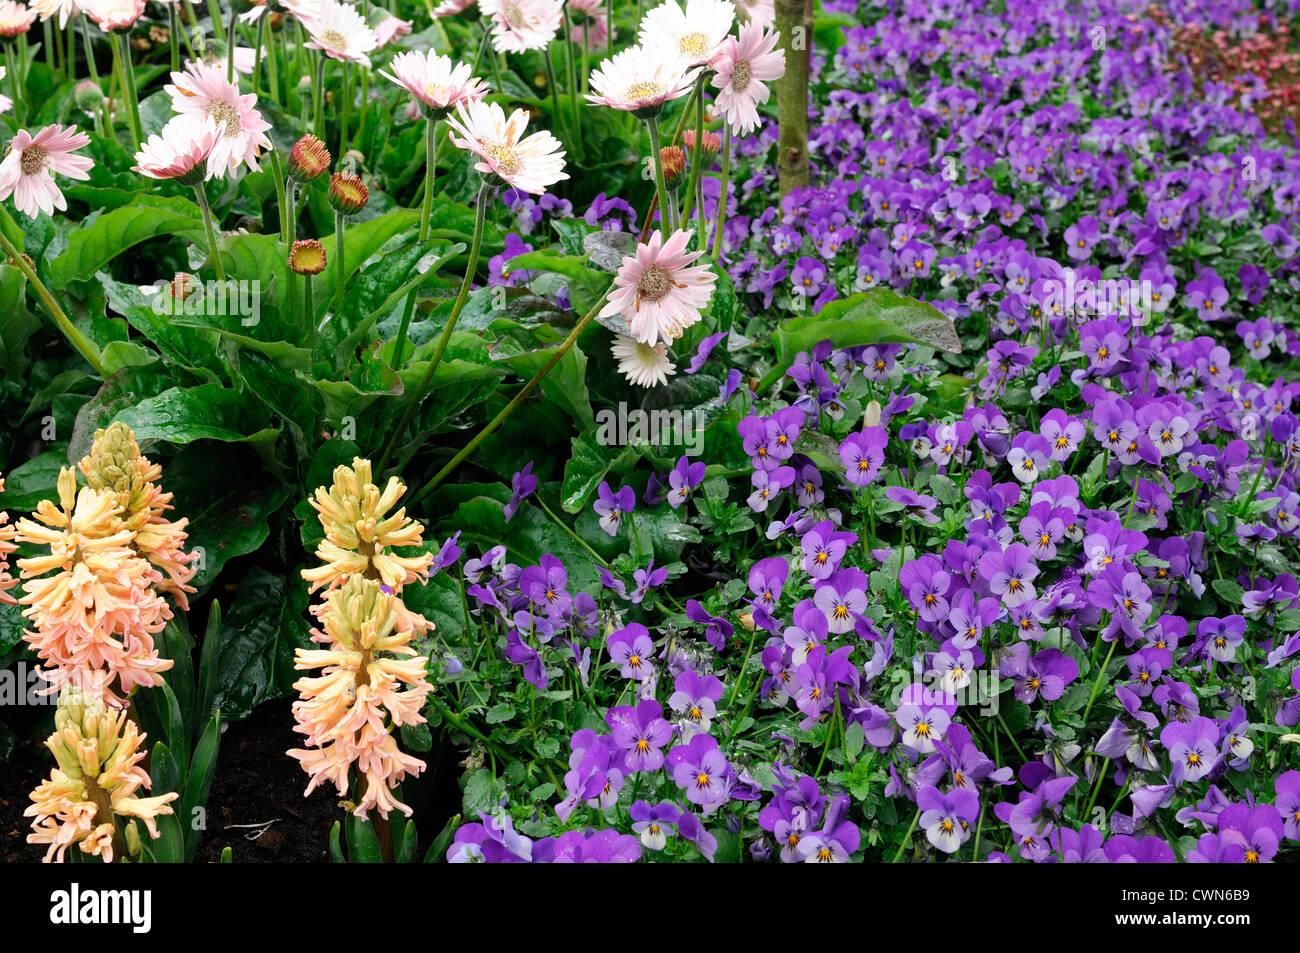 spring flower display blue viola gerbera everlast white peach hyacinth flowering bed bloom blossom - Stock Image